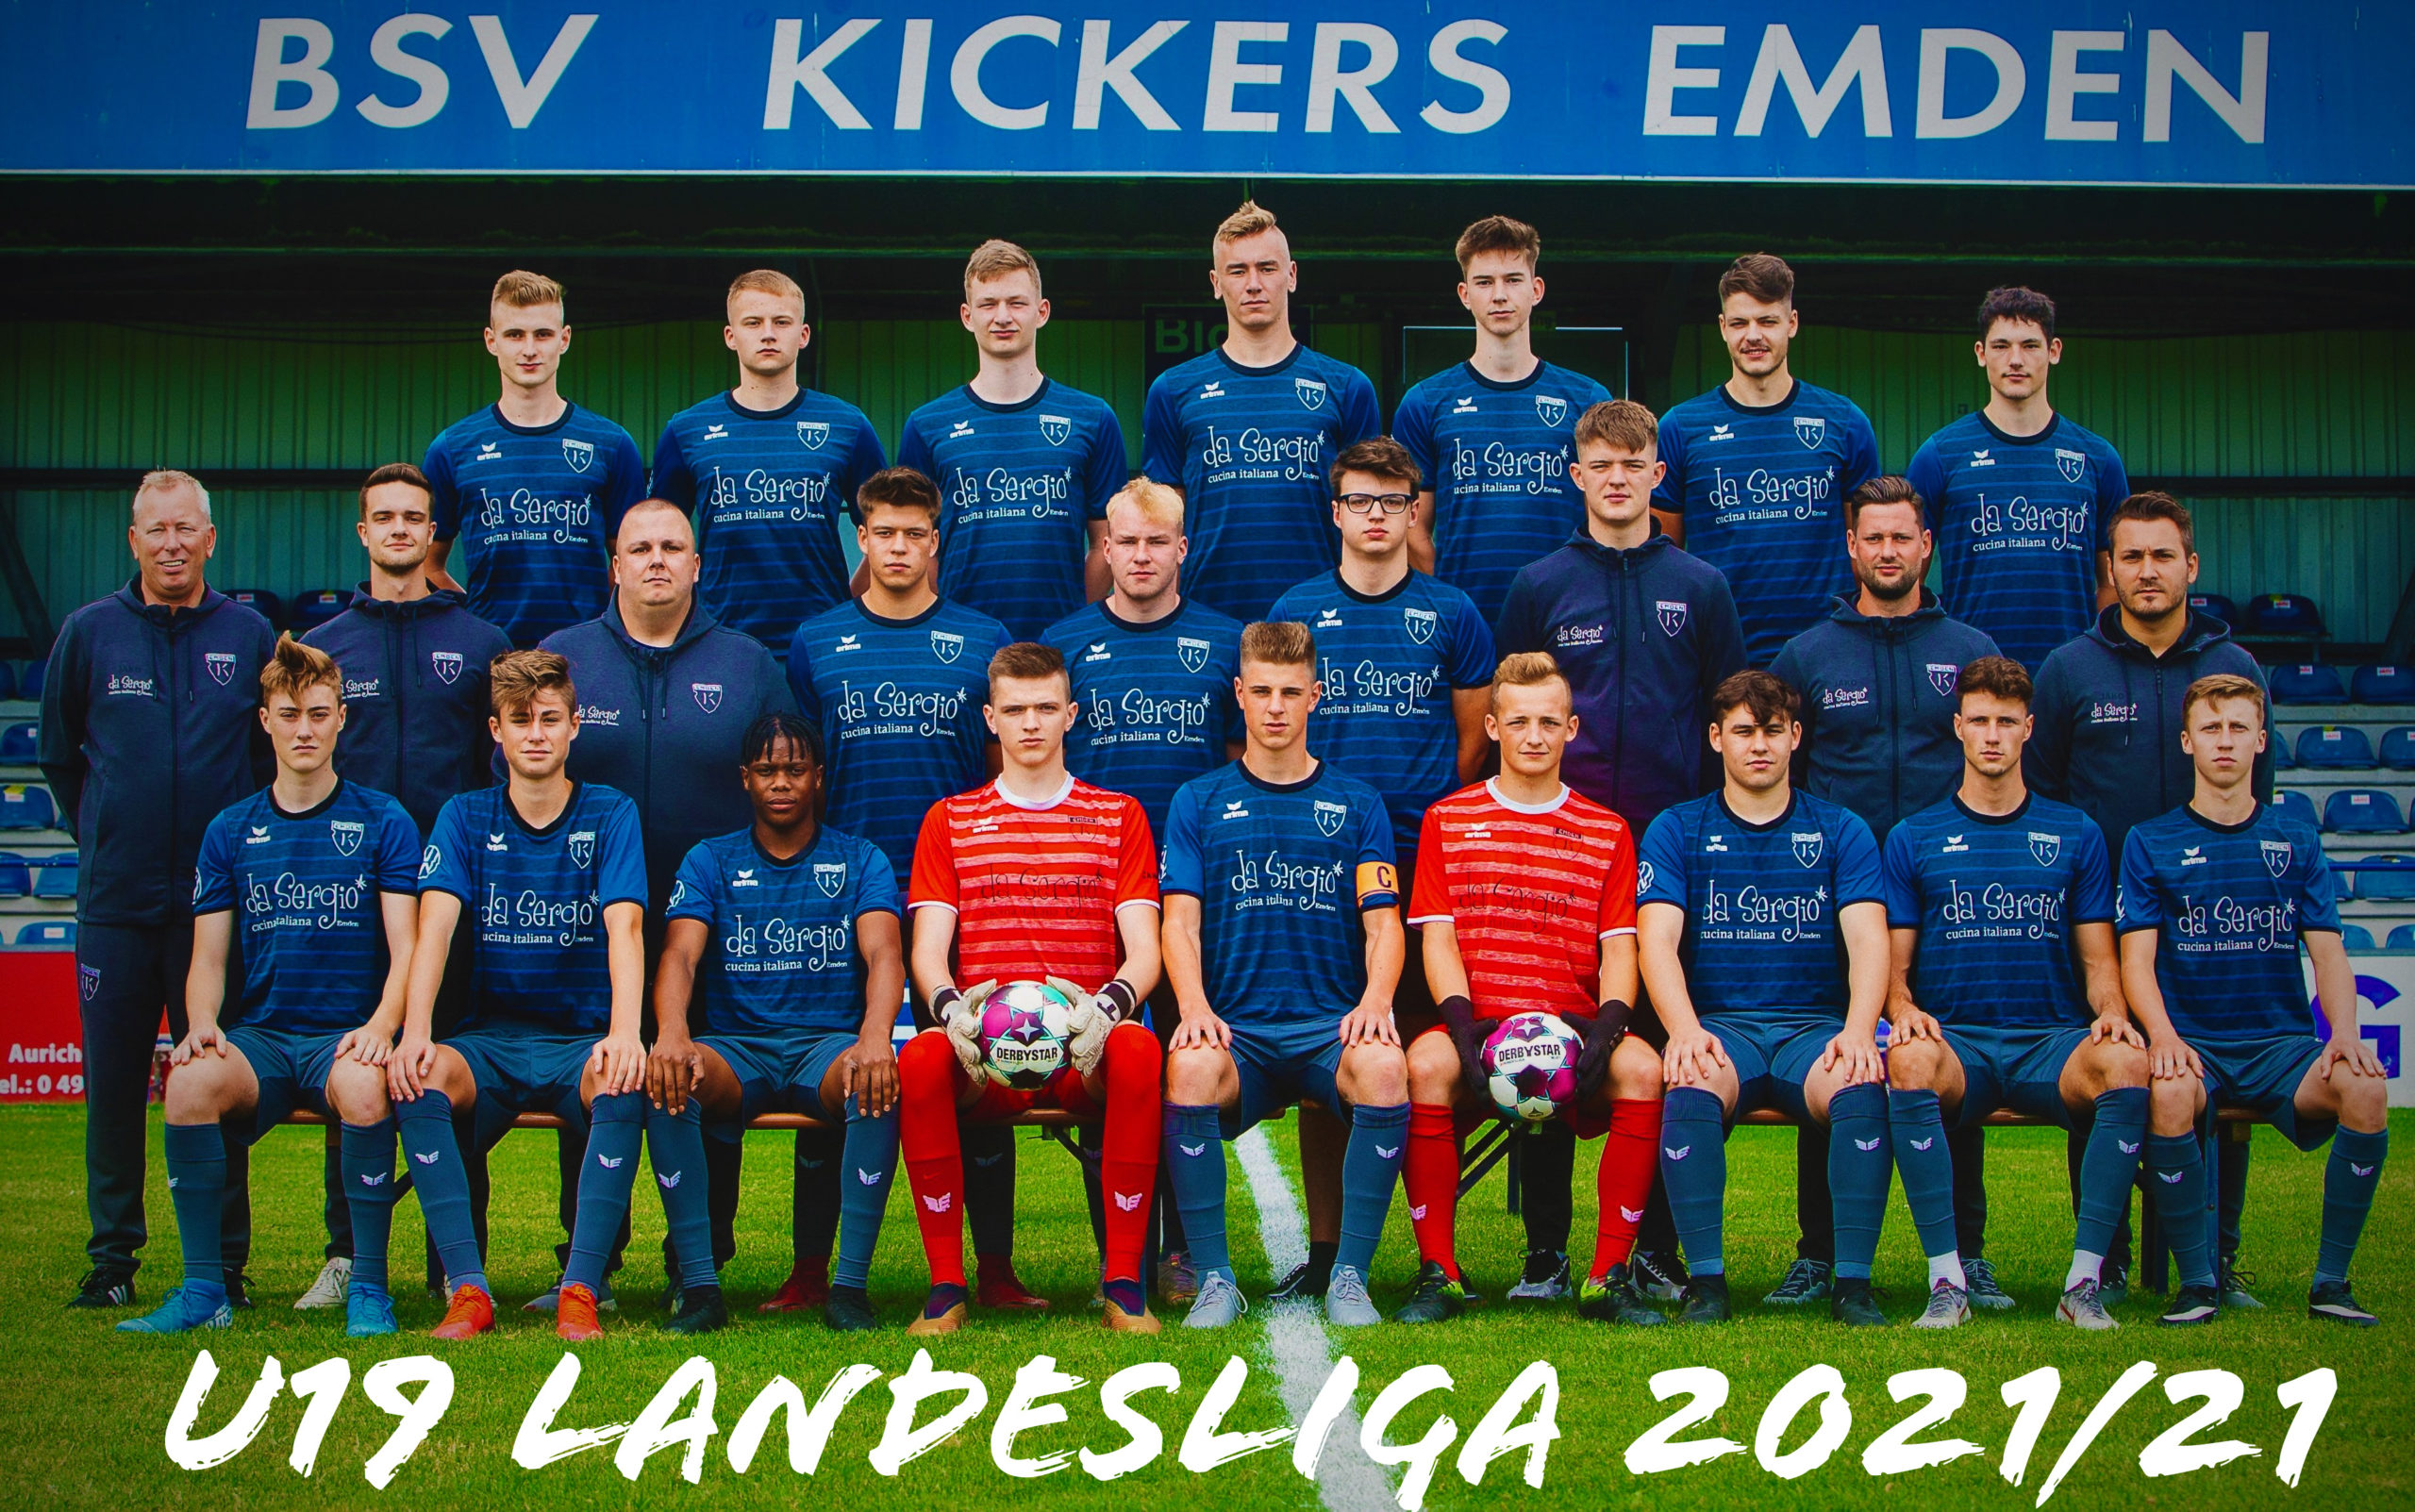 BSV Kickers Emden U19 Landesliga Saison 2020 /2021